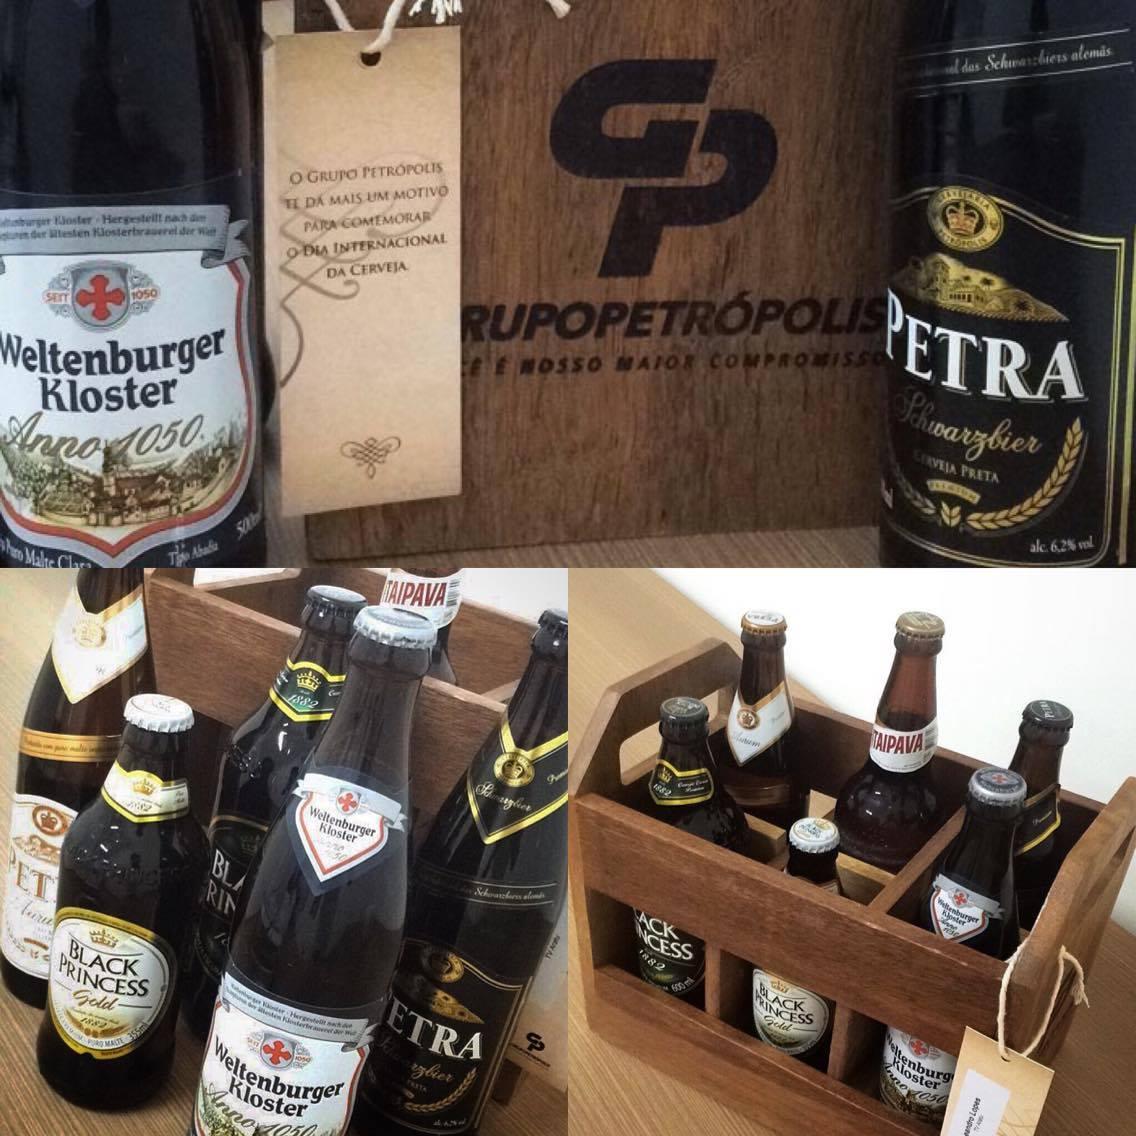 grupo-petropolis-hoje-e-o-dia-internacional-da-cerveja